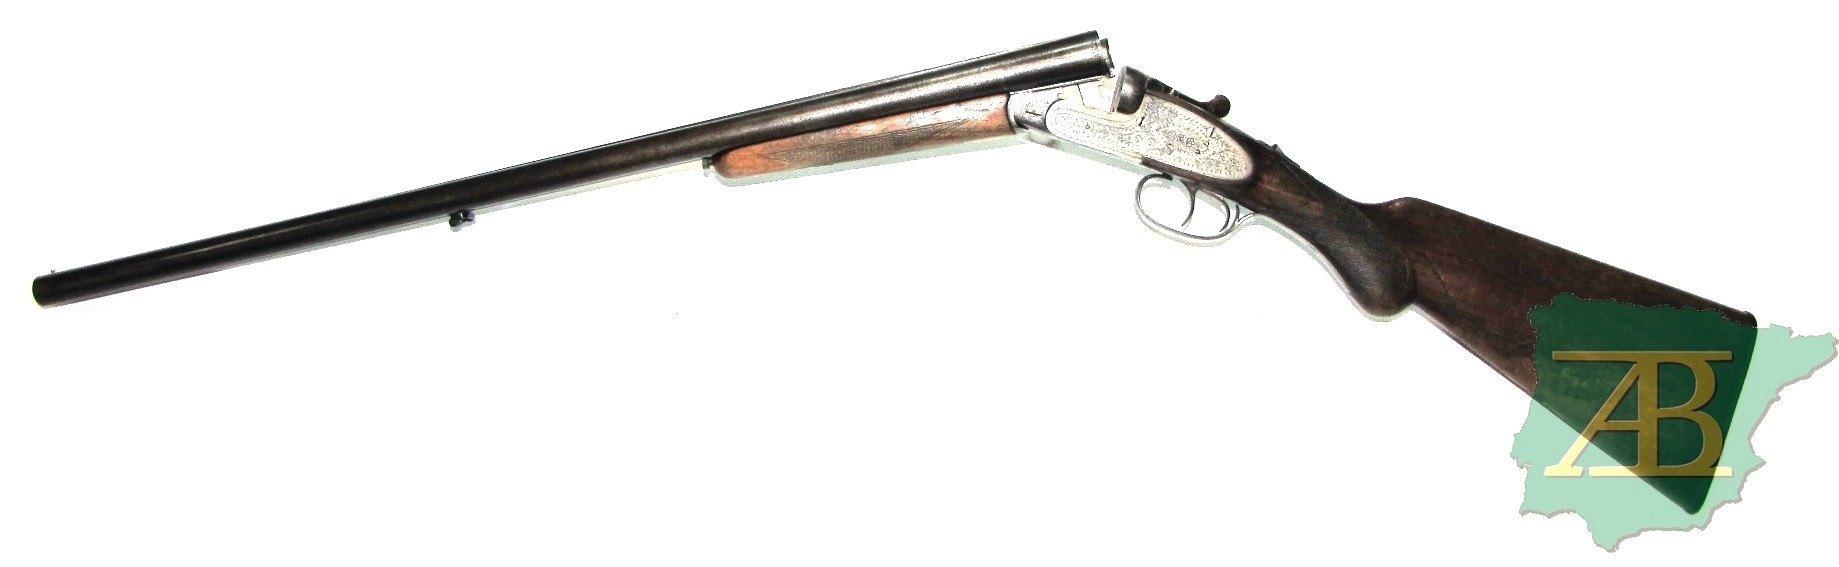 Escopeta paralela LIG ref 2154-armeriaiberica-3